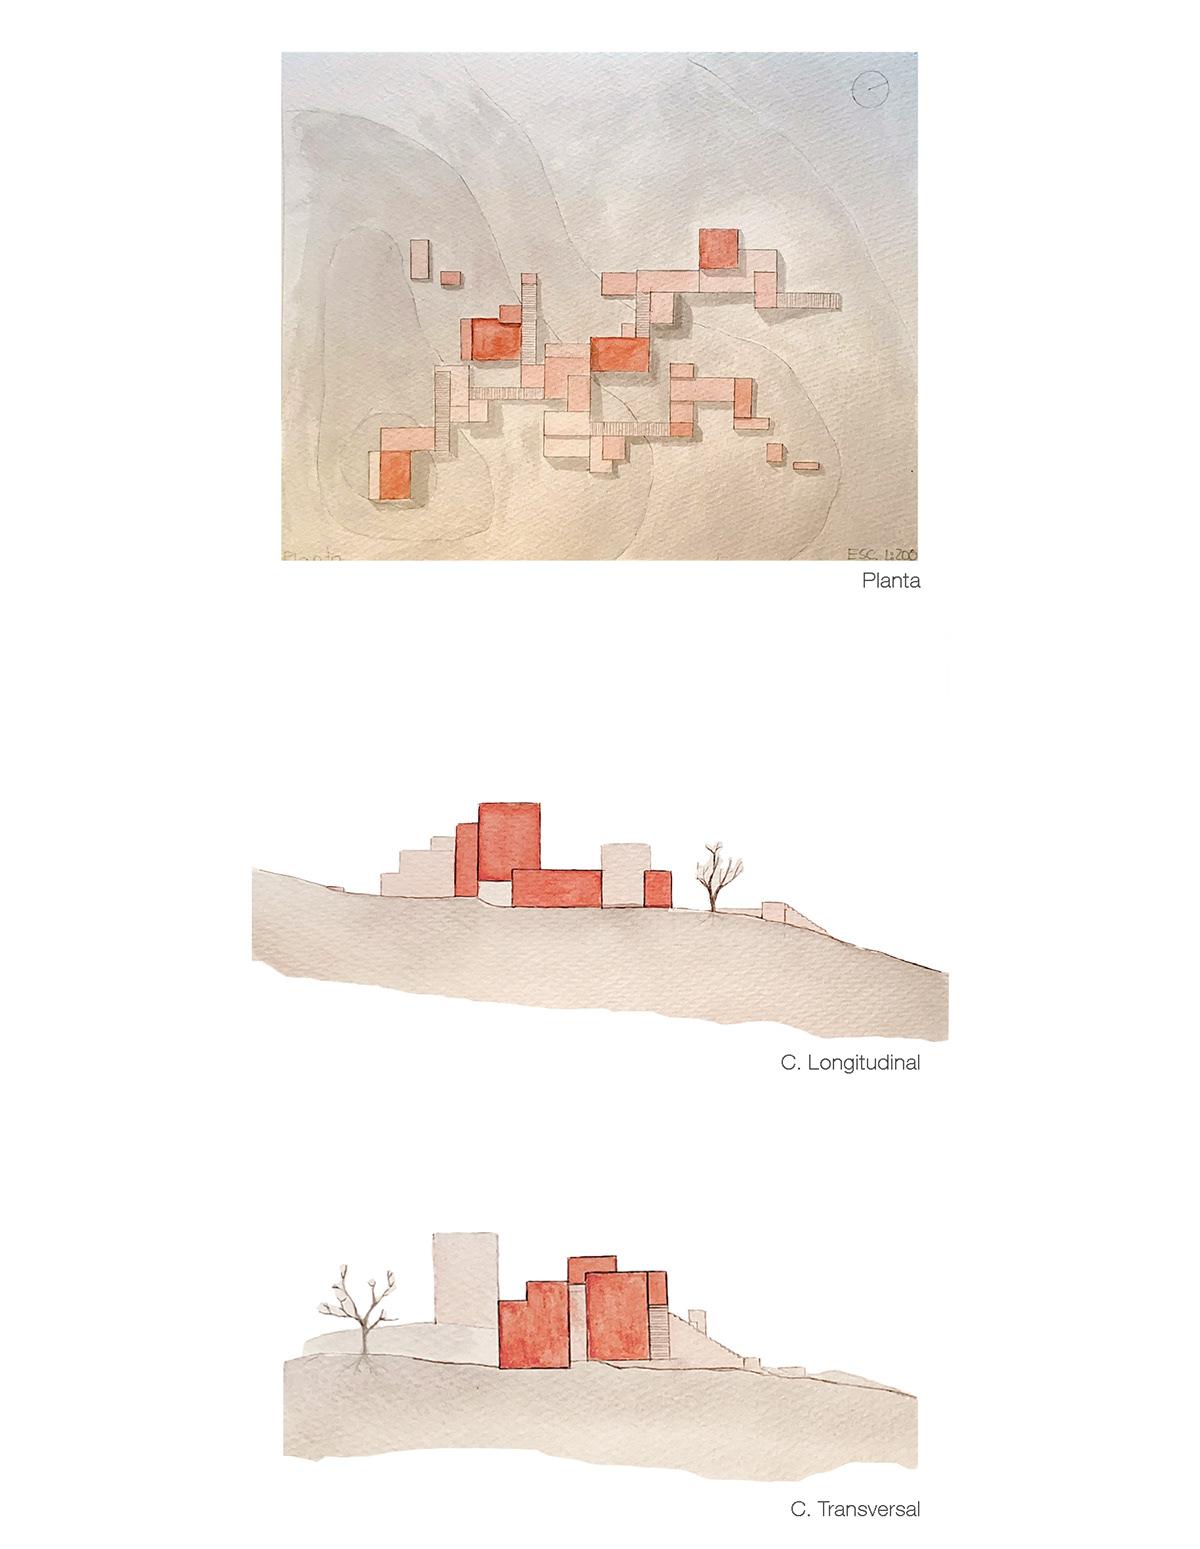 arquitectura composición modular Tallerdecomposicion dibujo espacios habitables paisaje